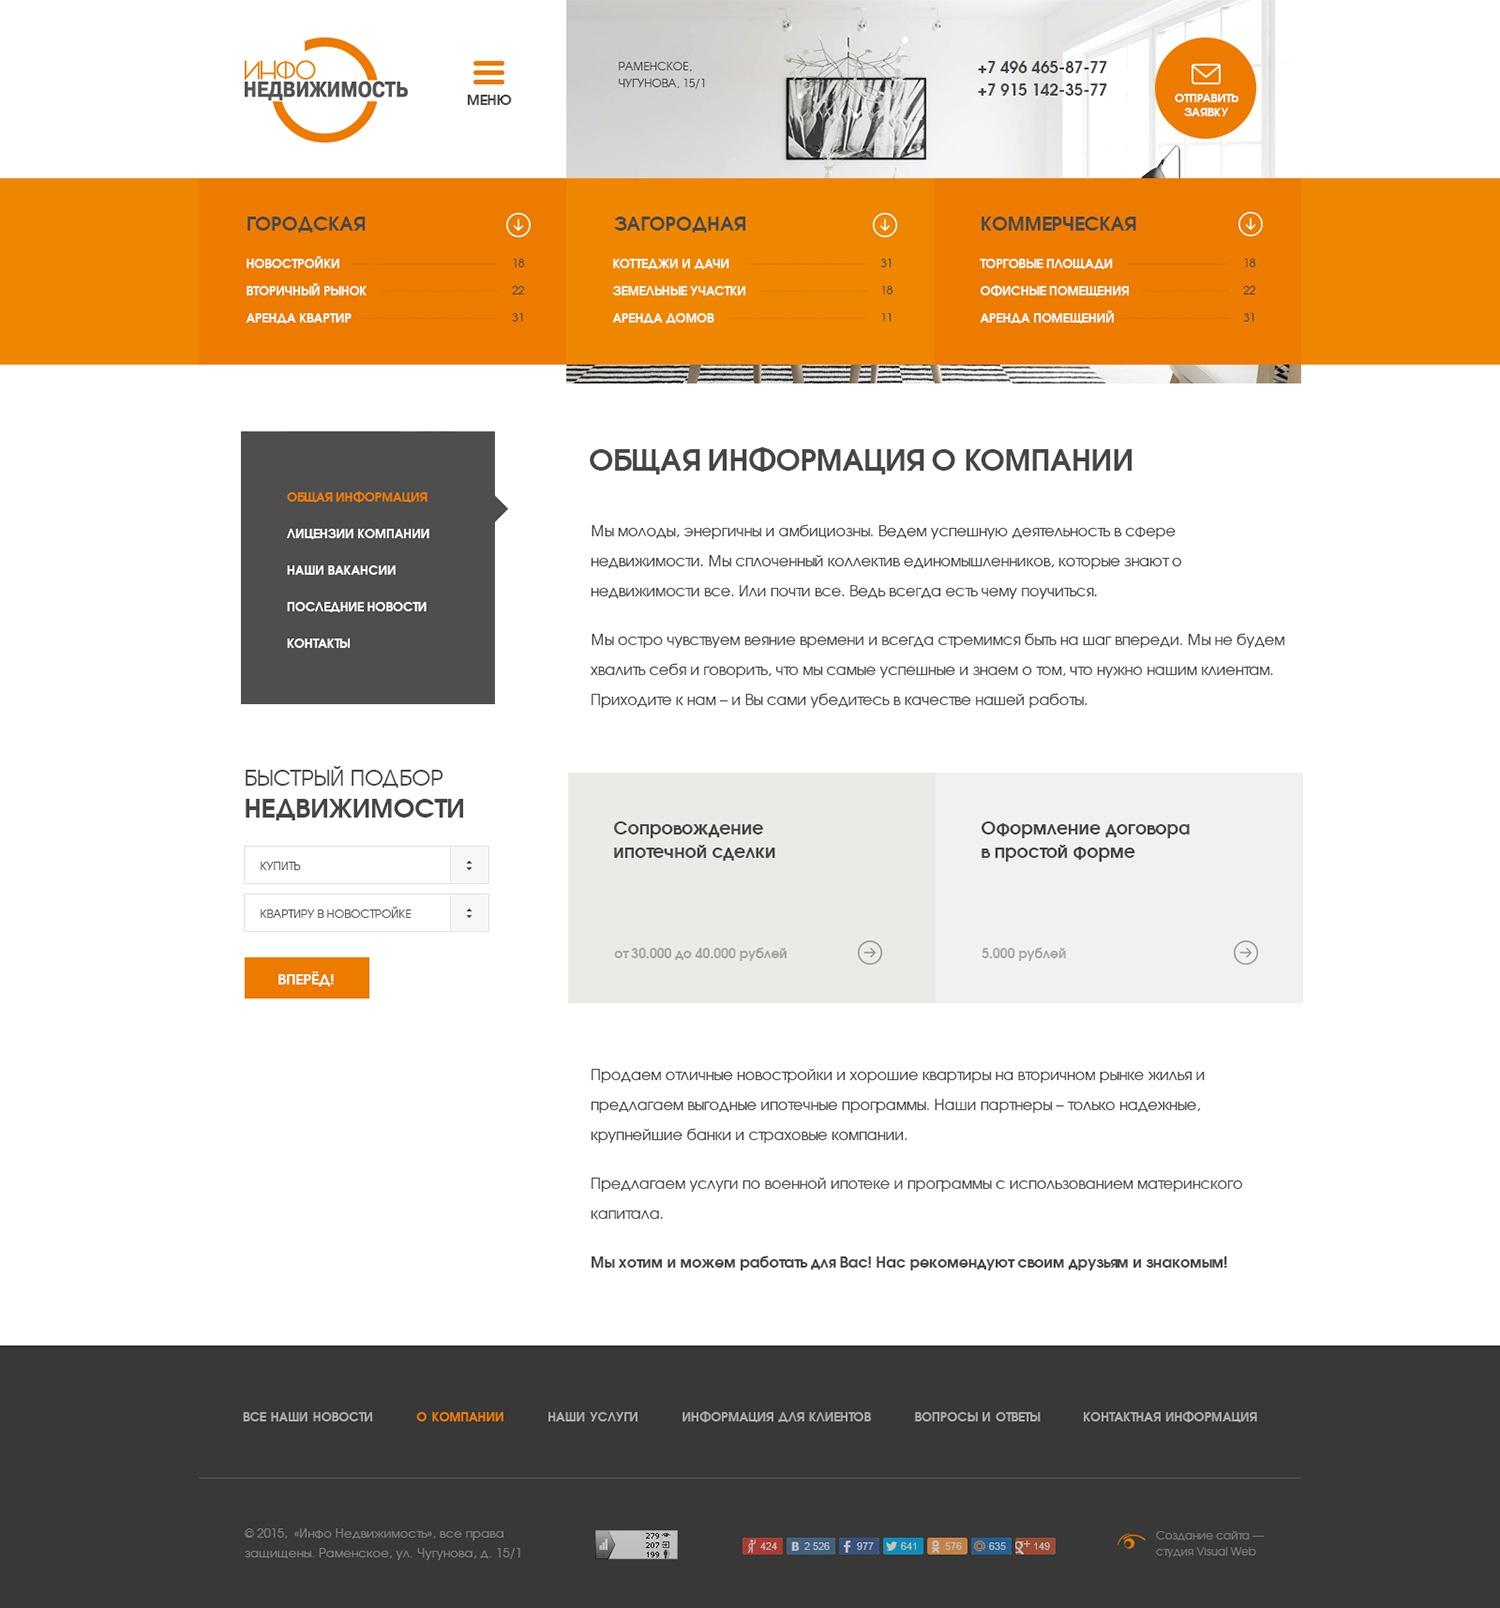 Создание сайта агентства недвижимости Инфо-Недвижимость